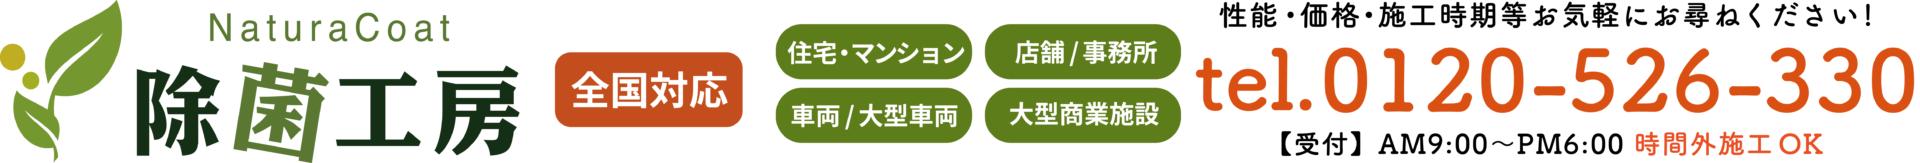 header_logo_honbu